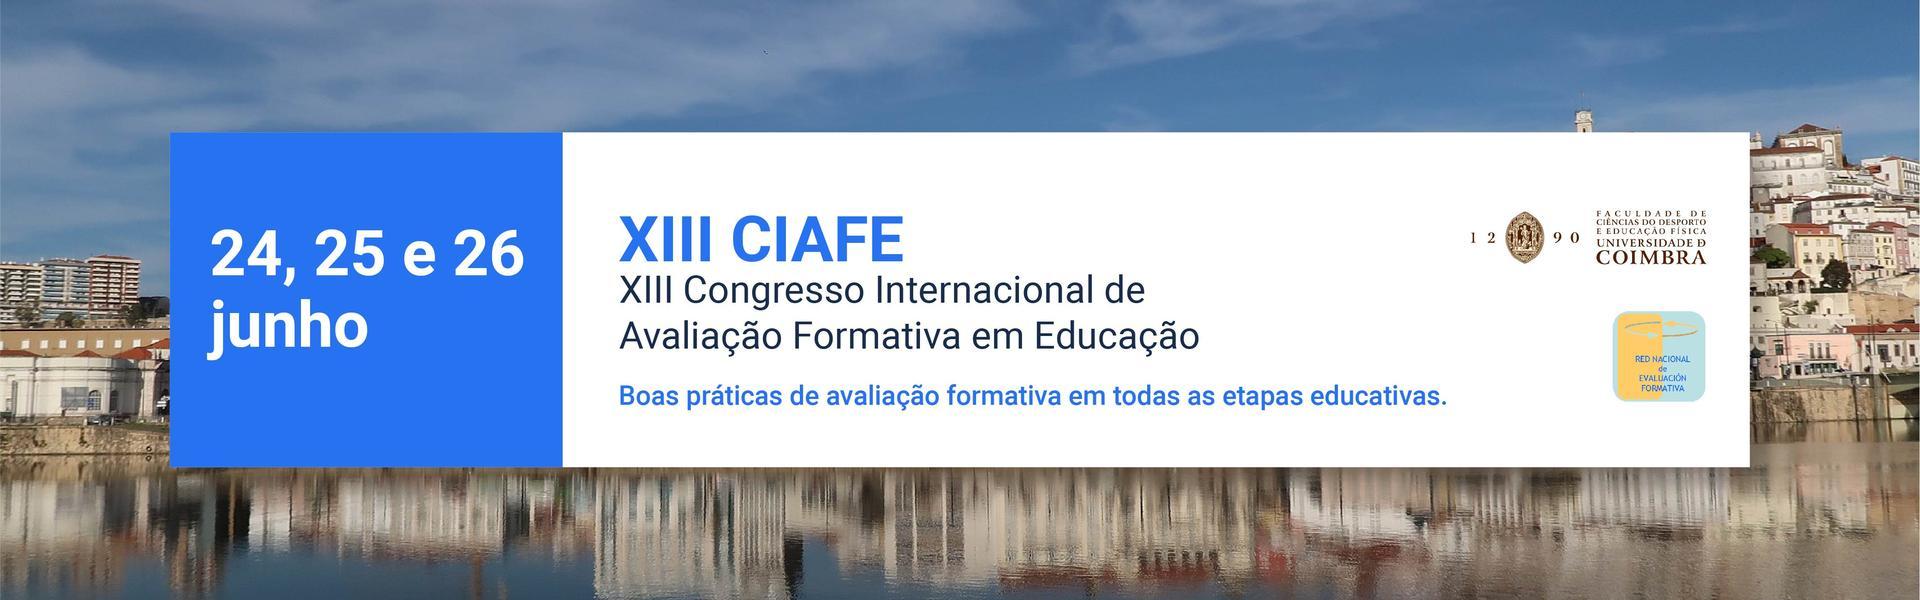 XIII Congresso Internacional de Avaliação Formativa em Educação (XIII CIAFE)